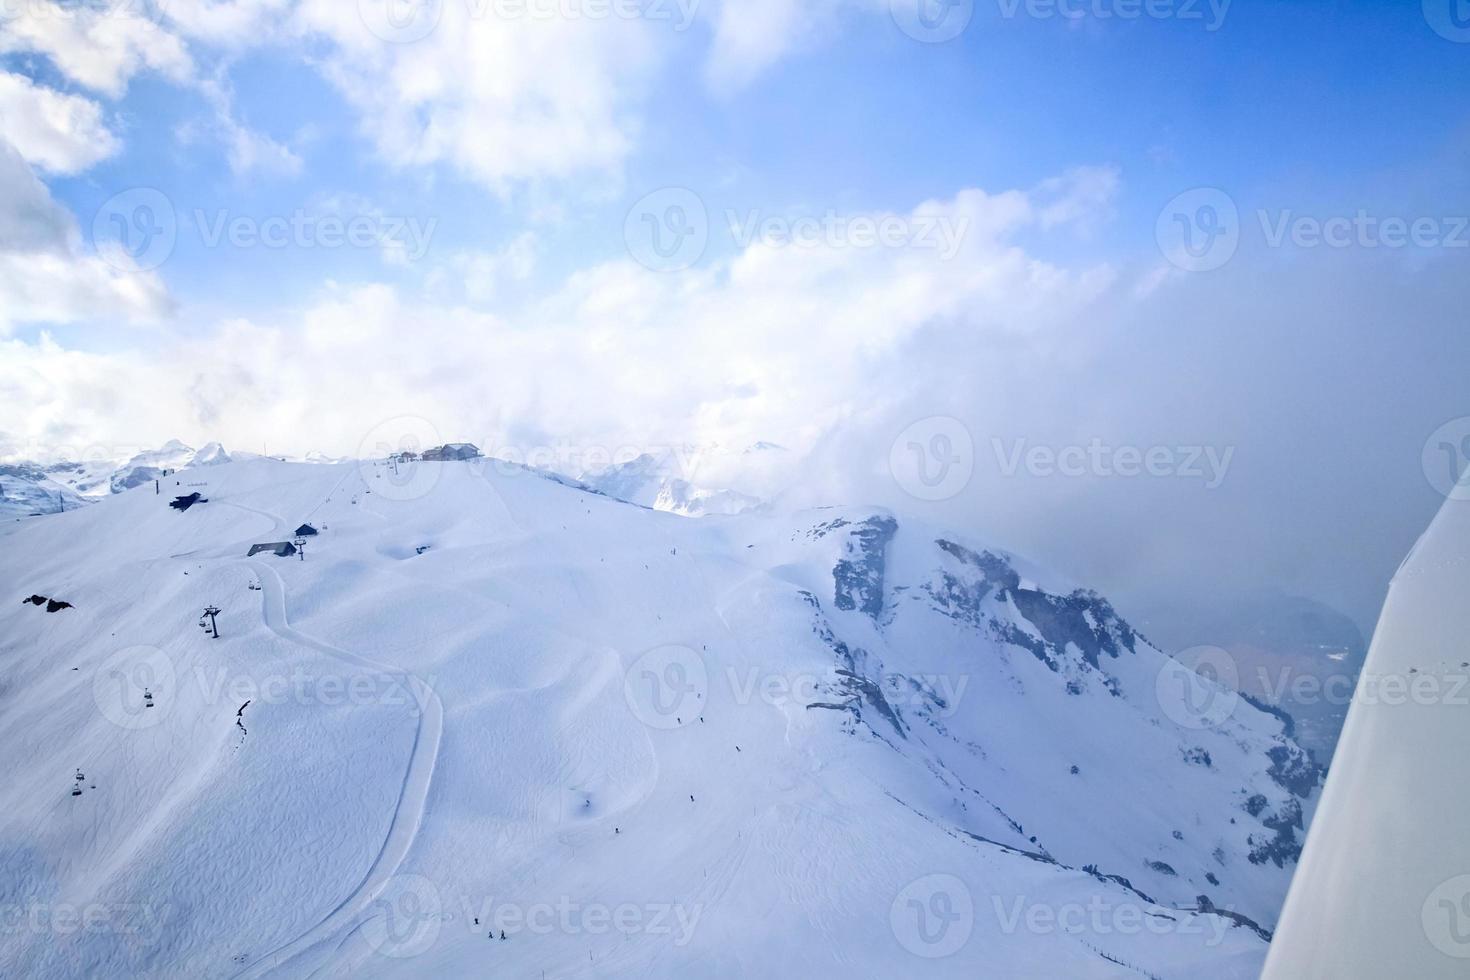 Vue aérienne d'avion unique de la station de ski des Alpes suisses centrales photo